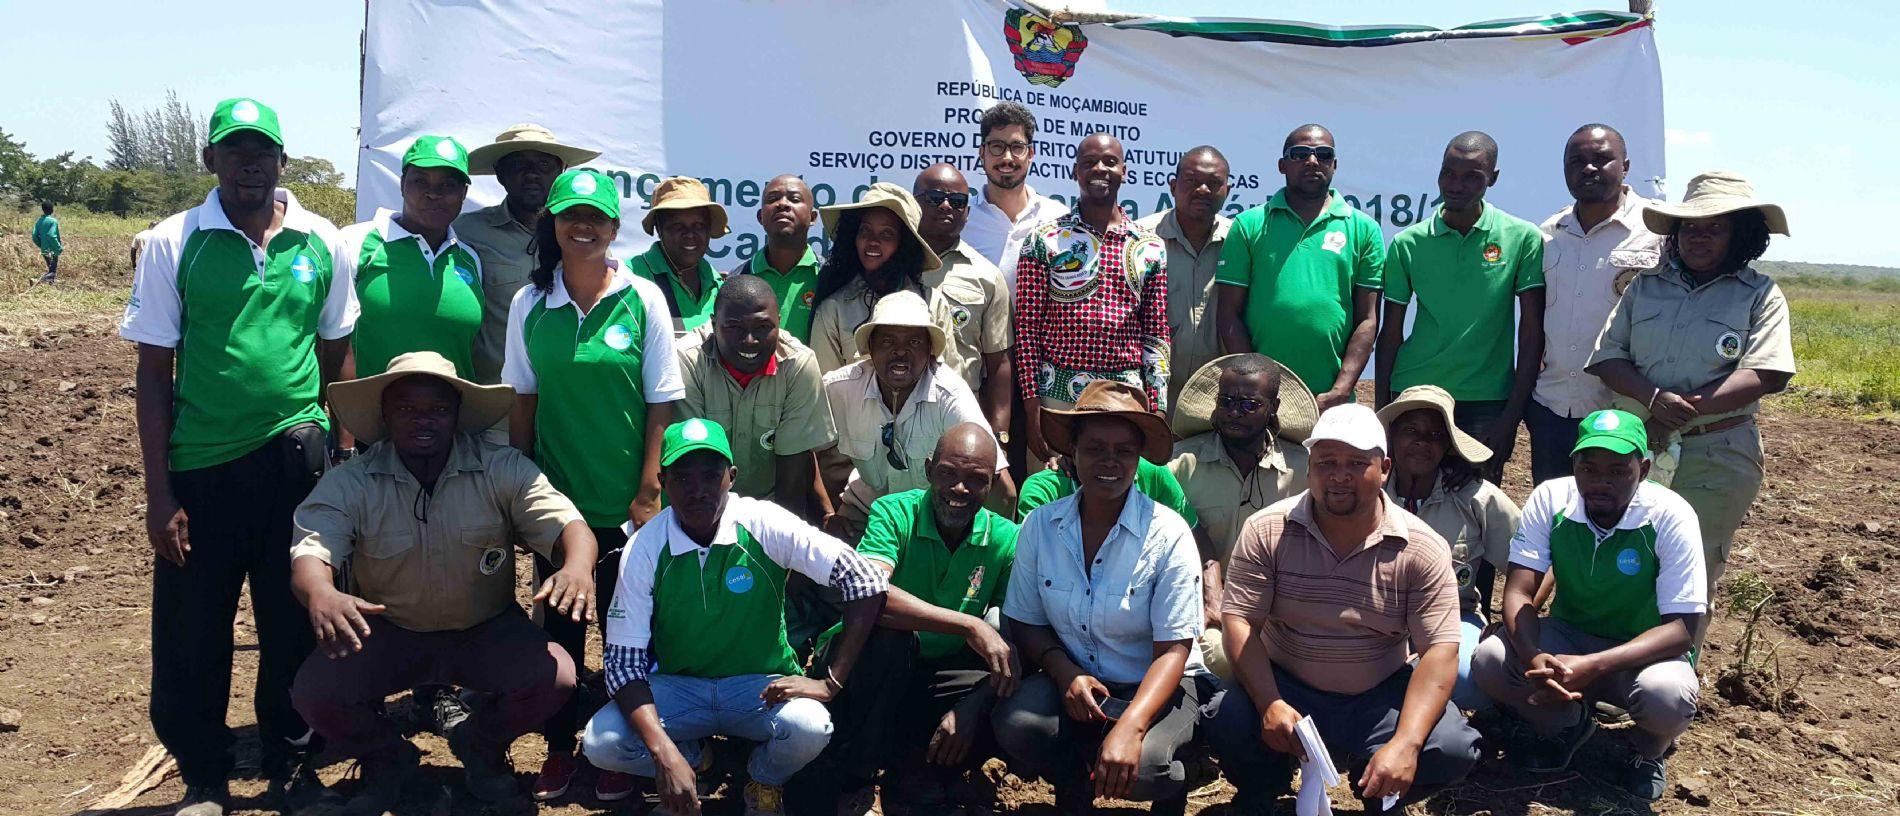 CESAL SE UNE AL LANZAMIENTO DE LA CAMPAÑA AGRARIA EN MOZAMBIQUE